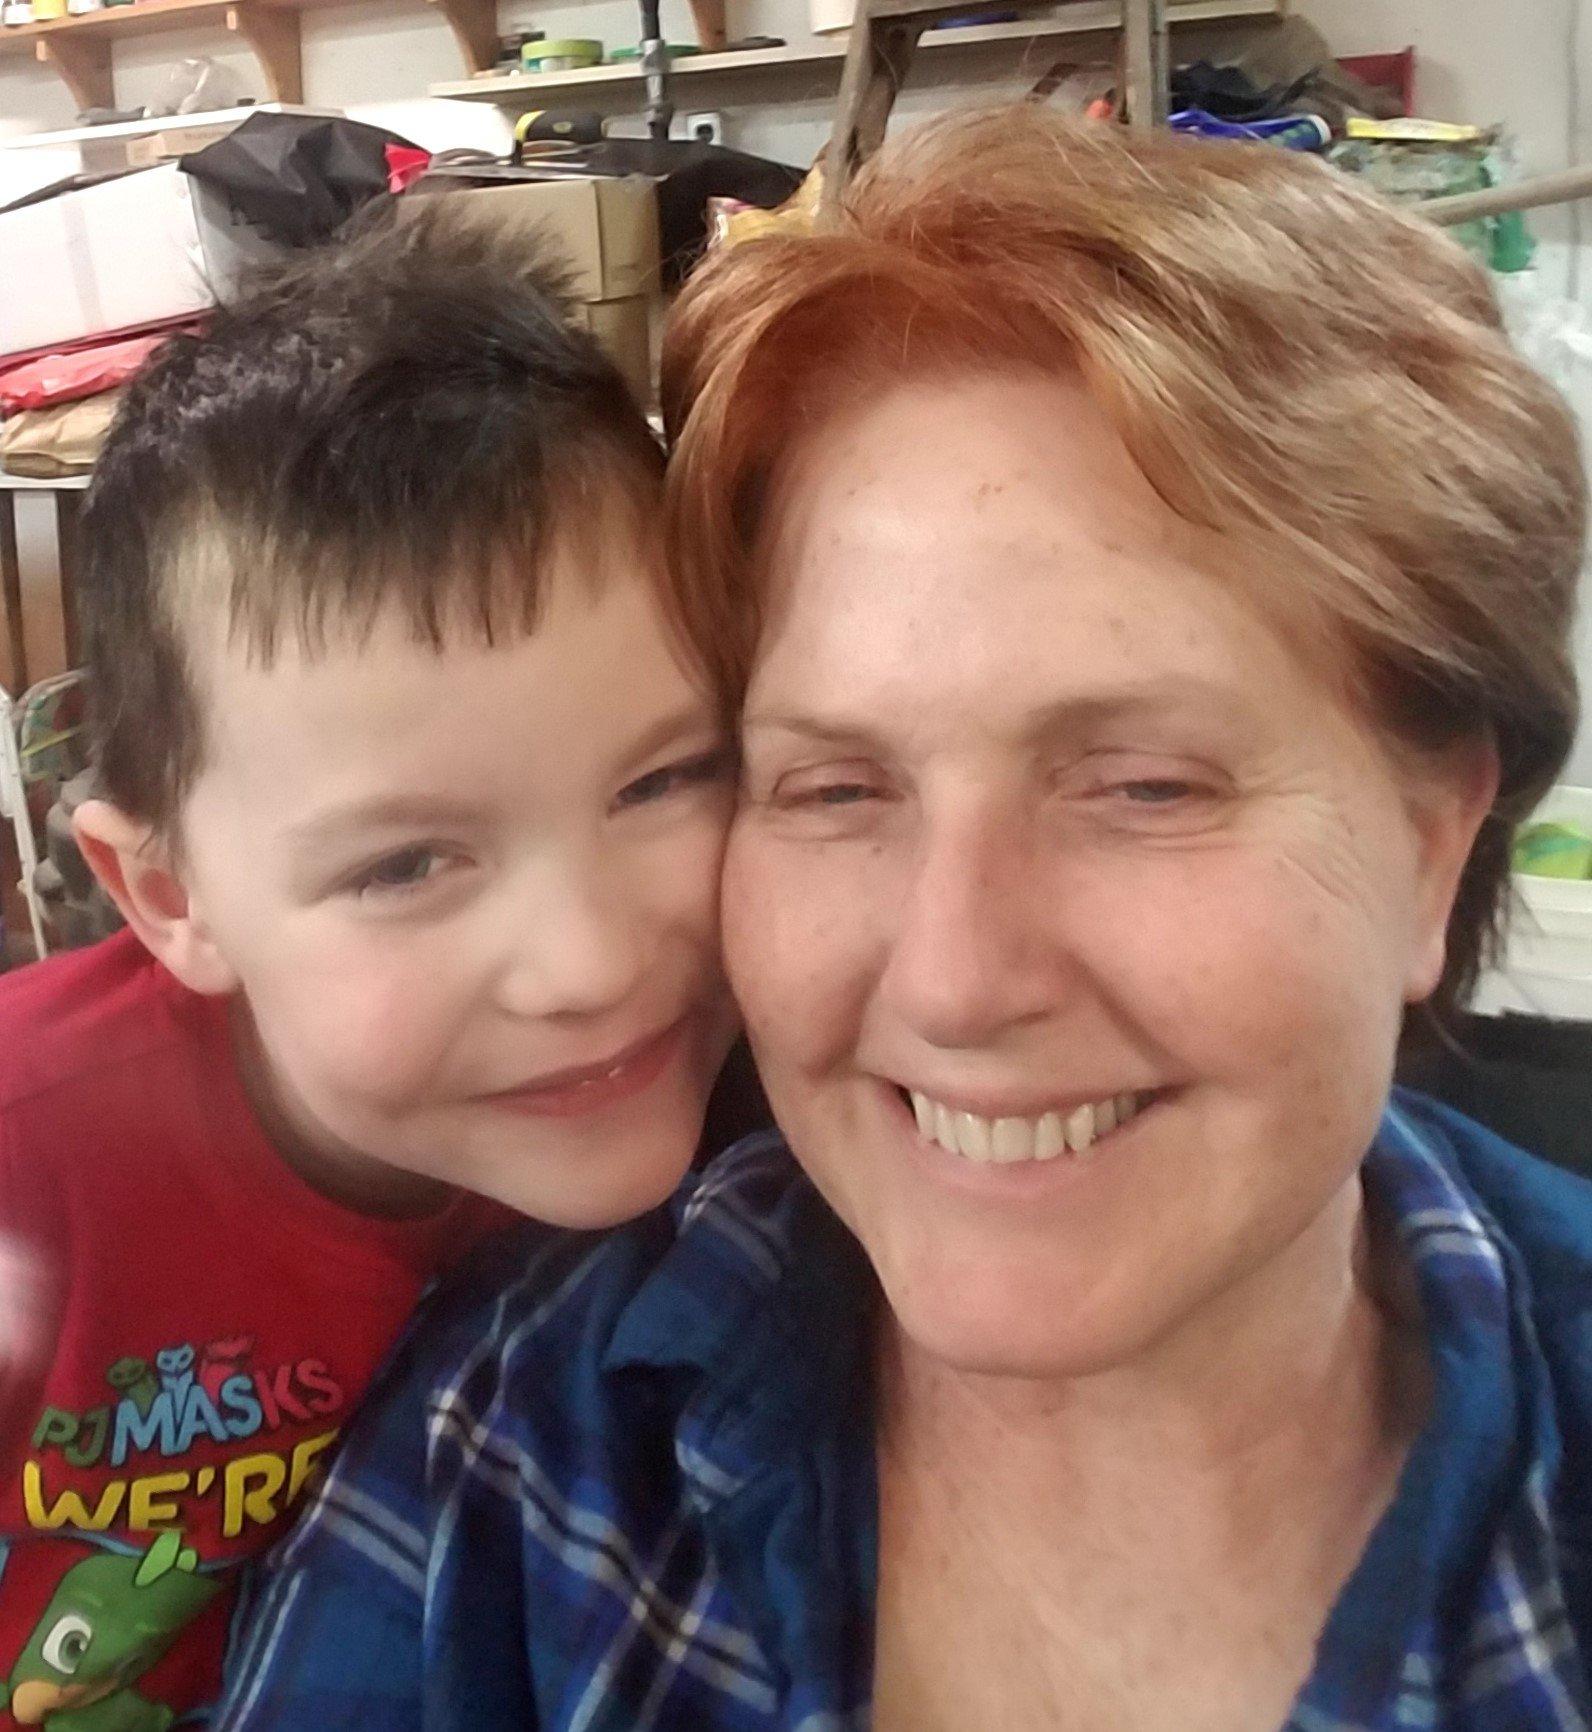 Website owner, Janelle, with grandson